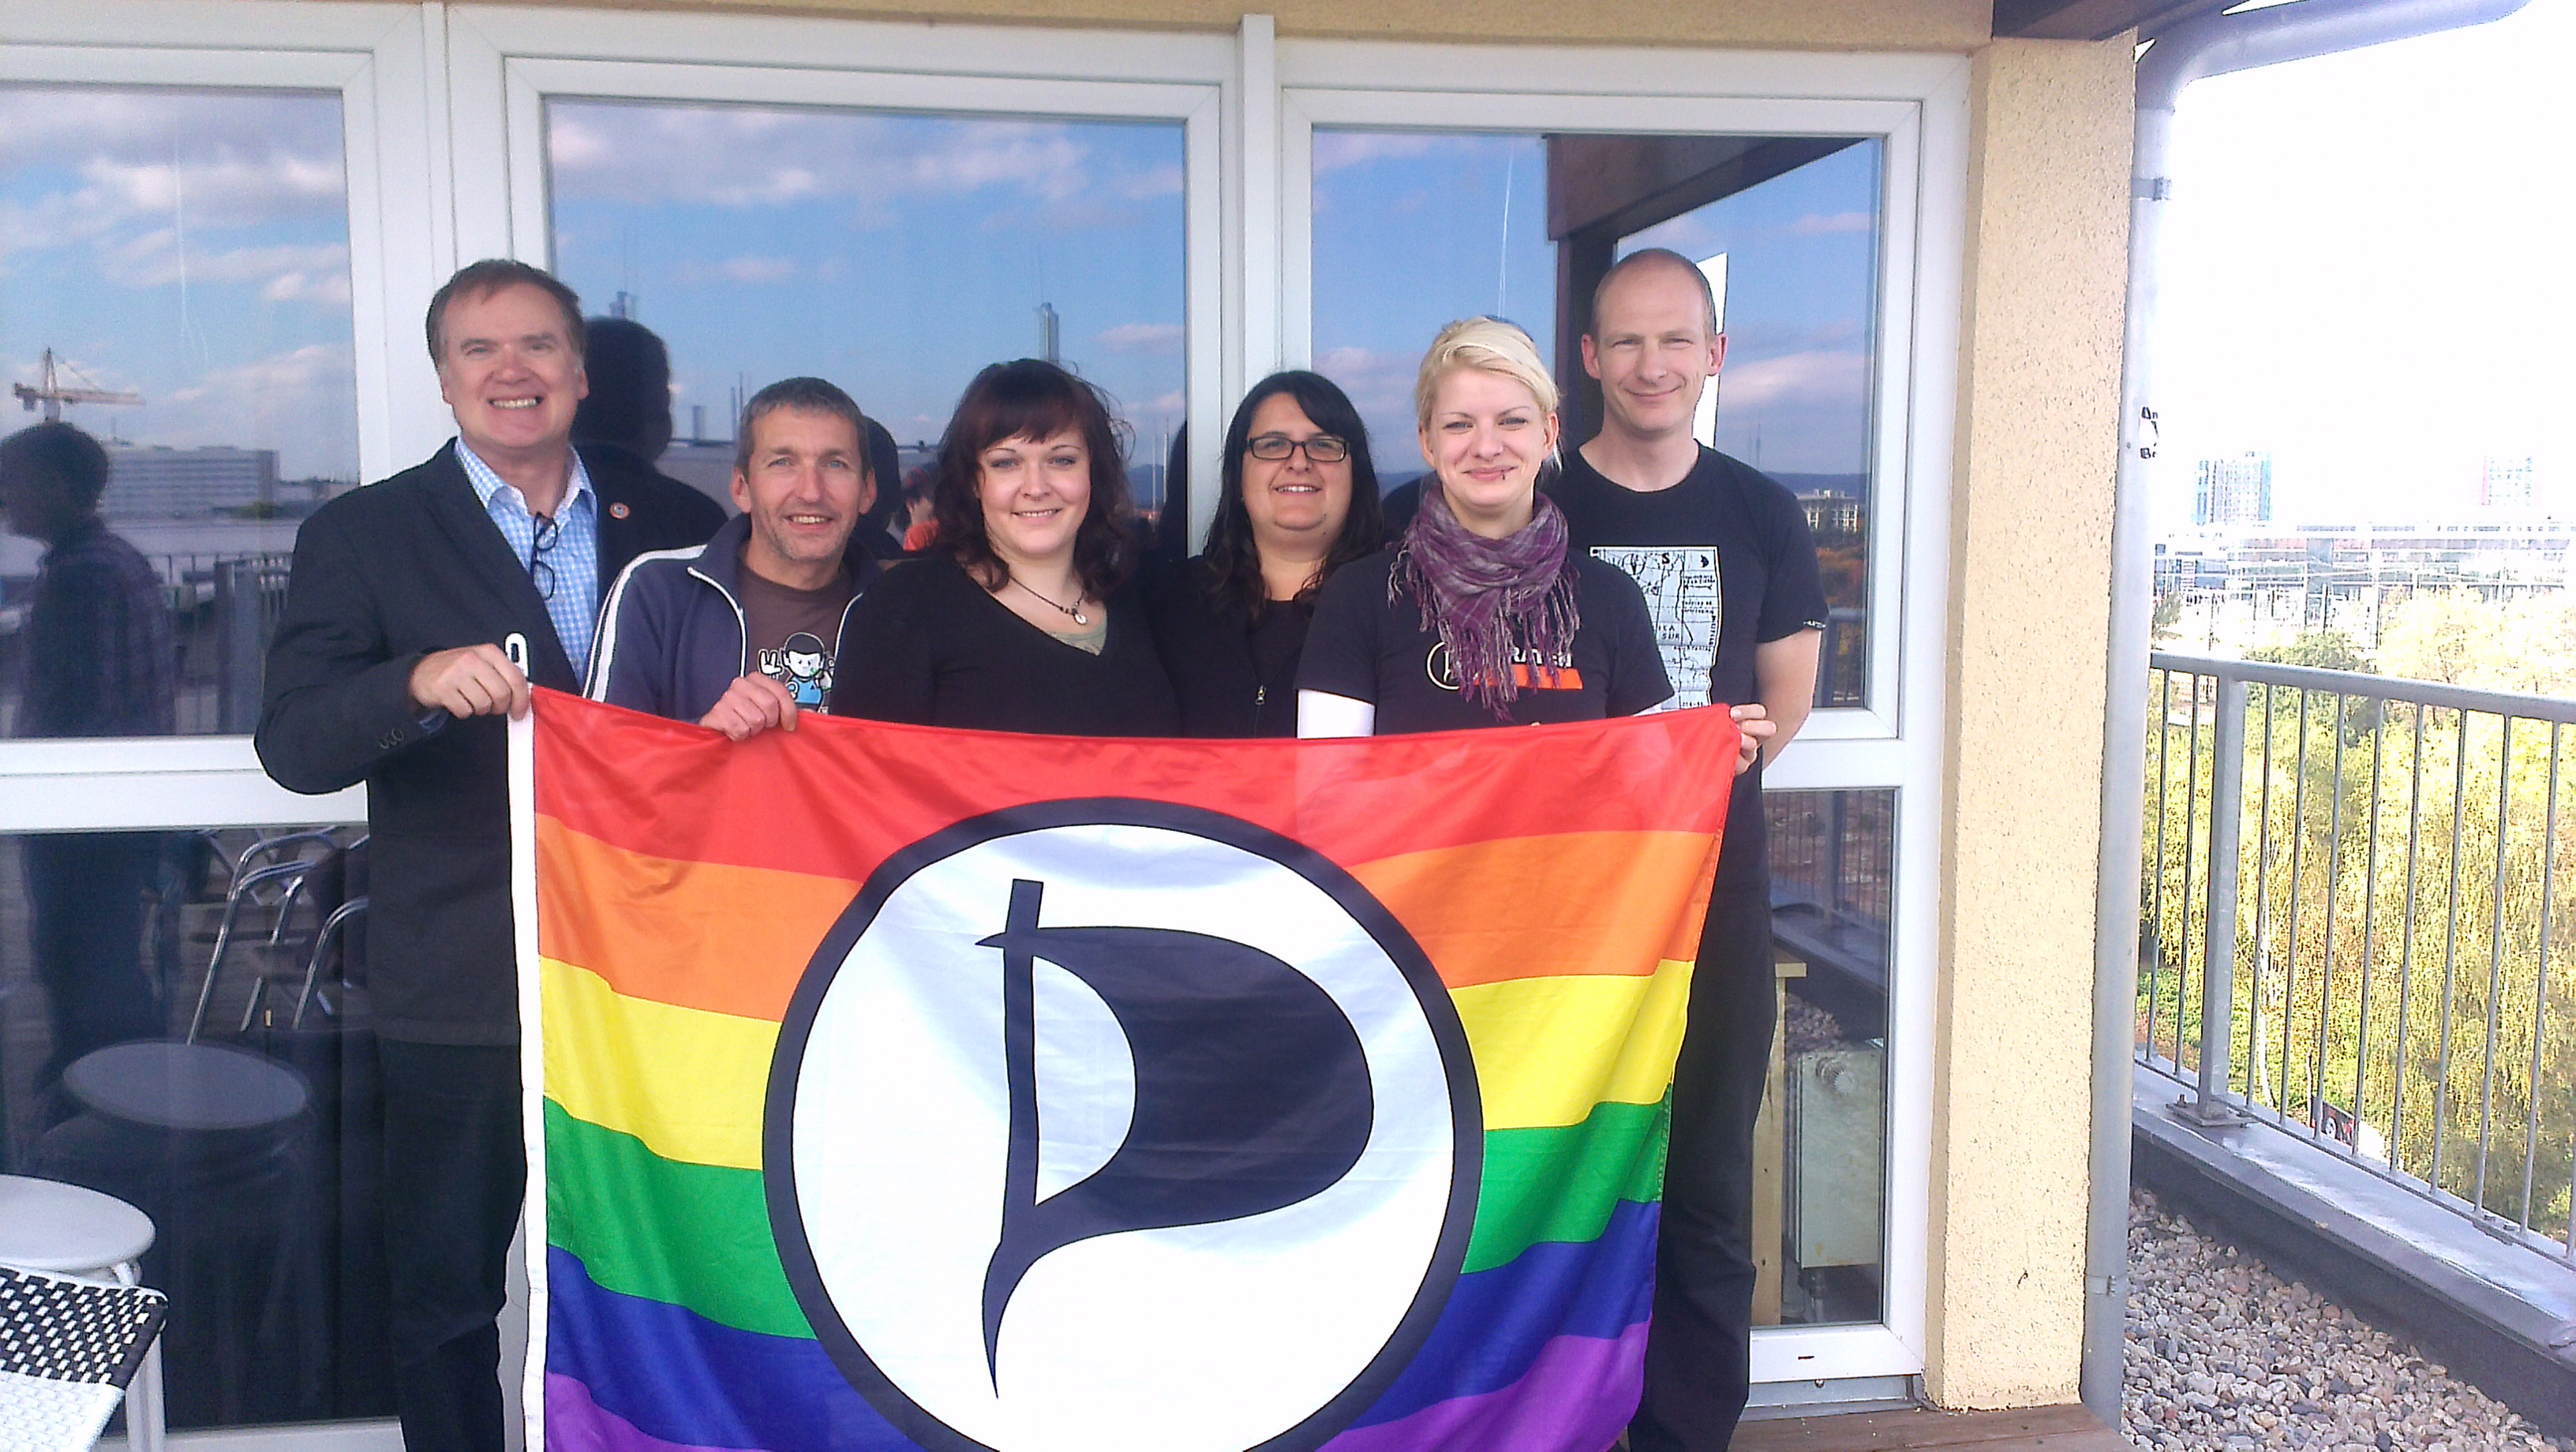 der neue Vorstand ist zu sehen mit der Queeratenflagge in der Hand